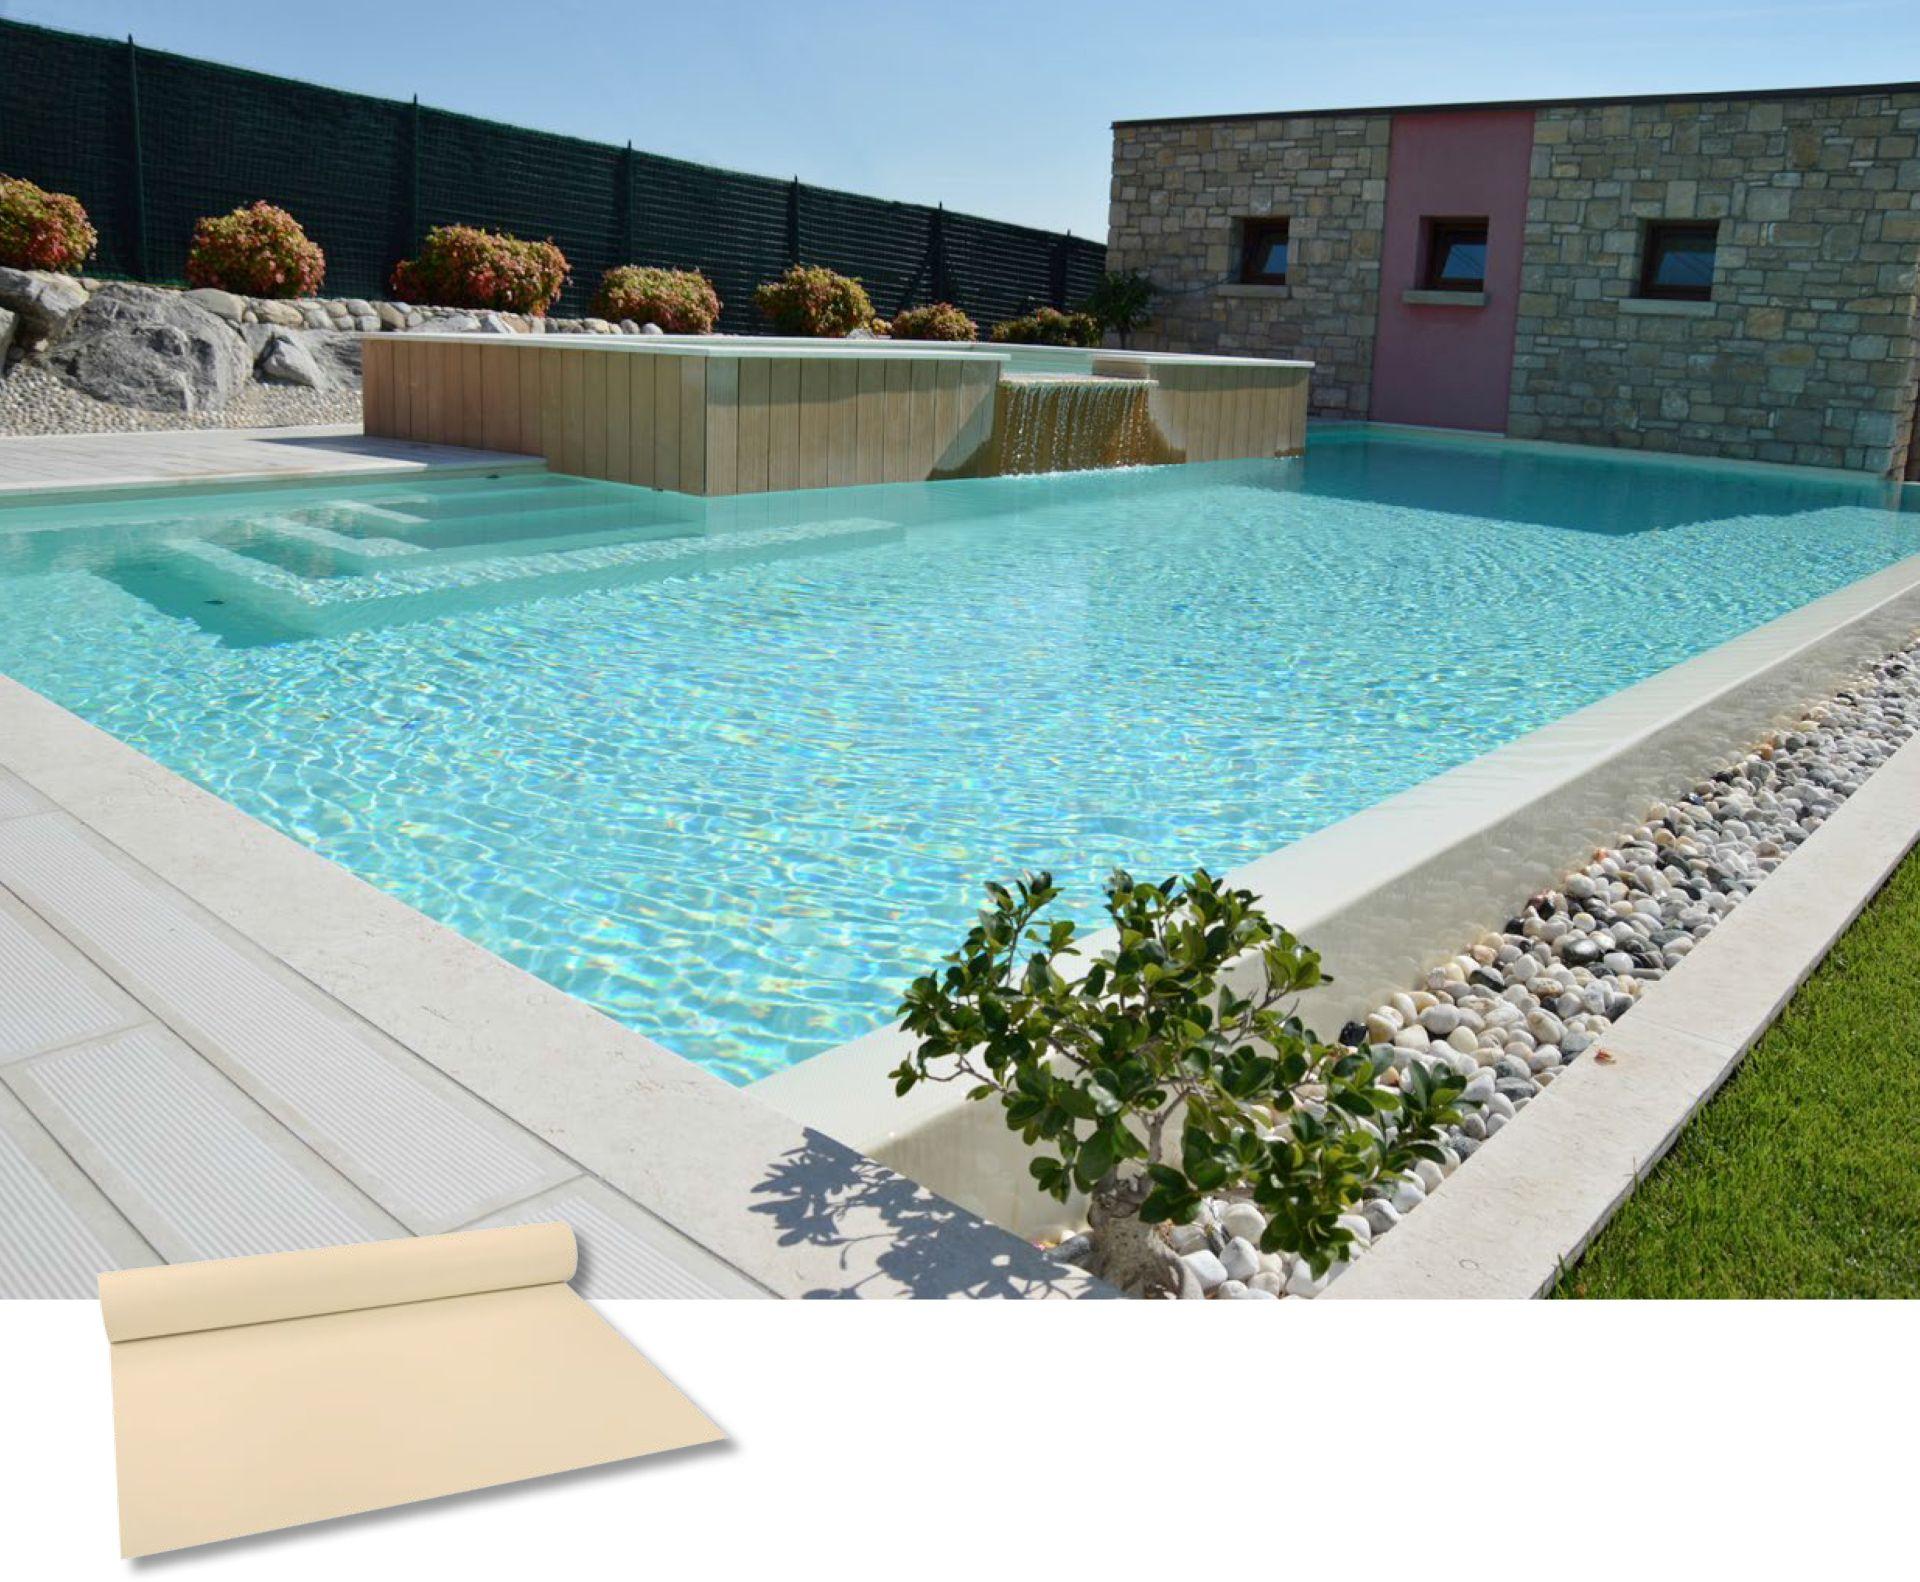 sand alkorplan 2000 folie renolit alkorplan artikel sofort im apoolco onlineshop kaufen. Black Bedroom Furniture Sets. Home Design Ideas